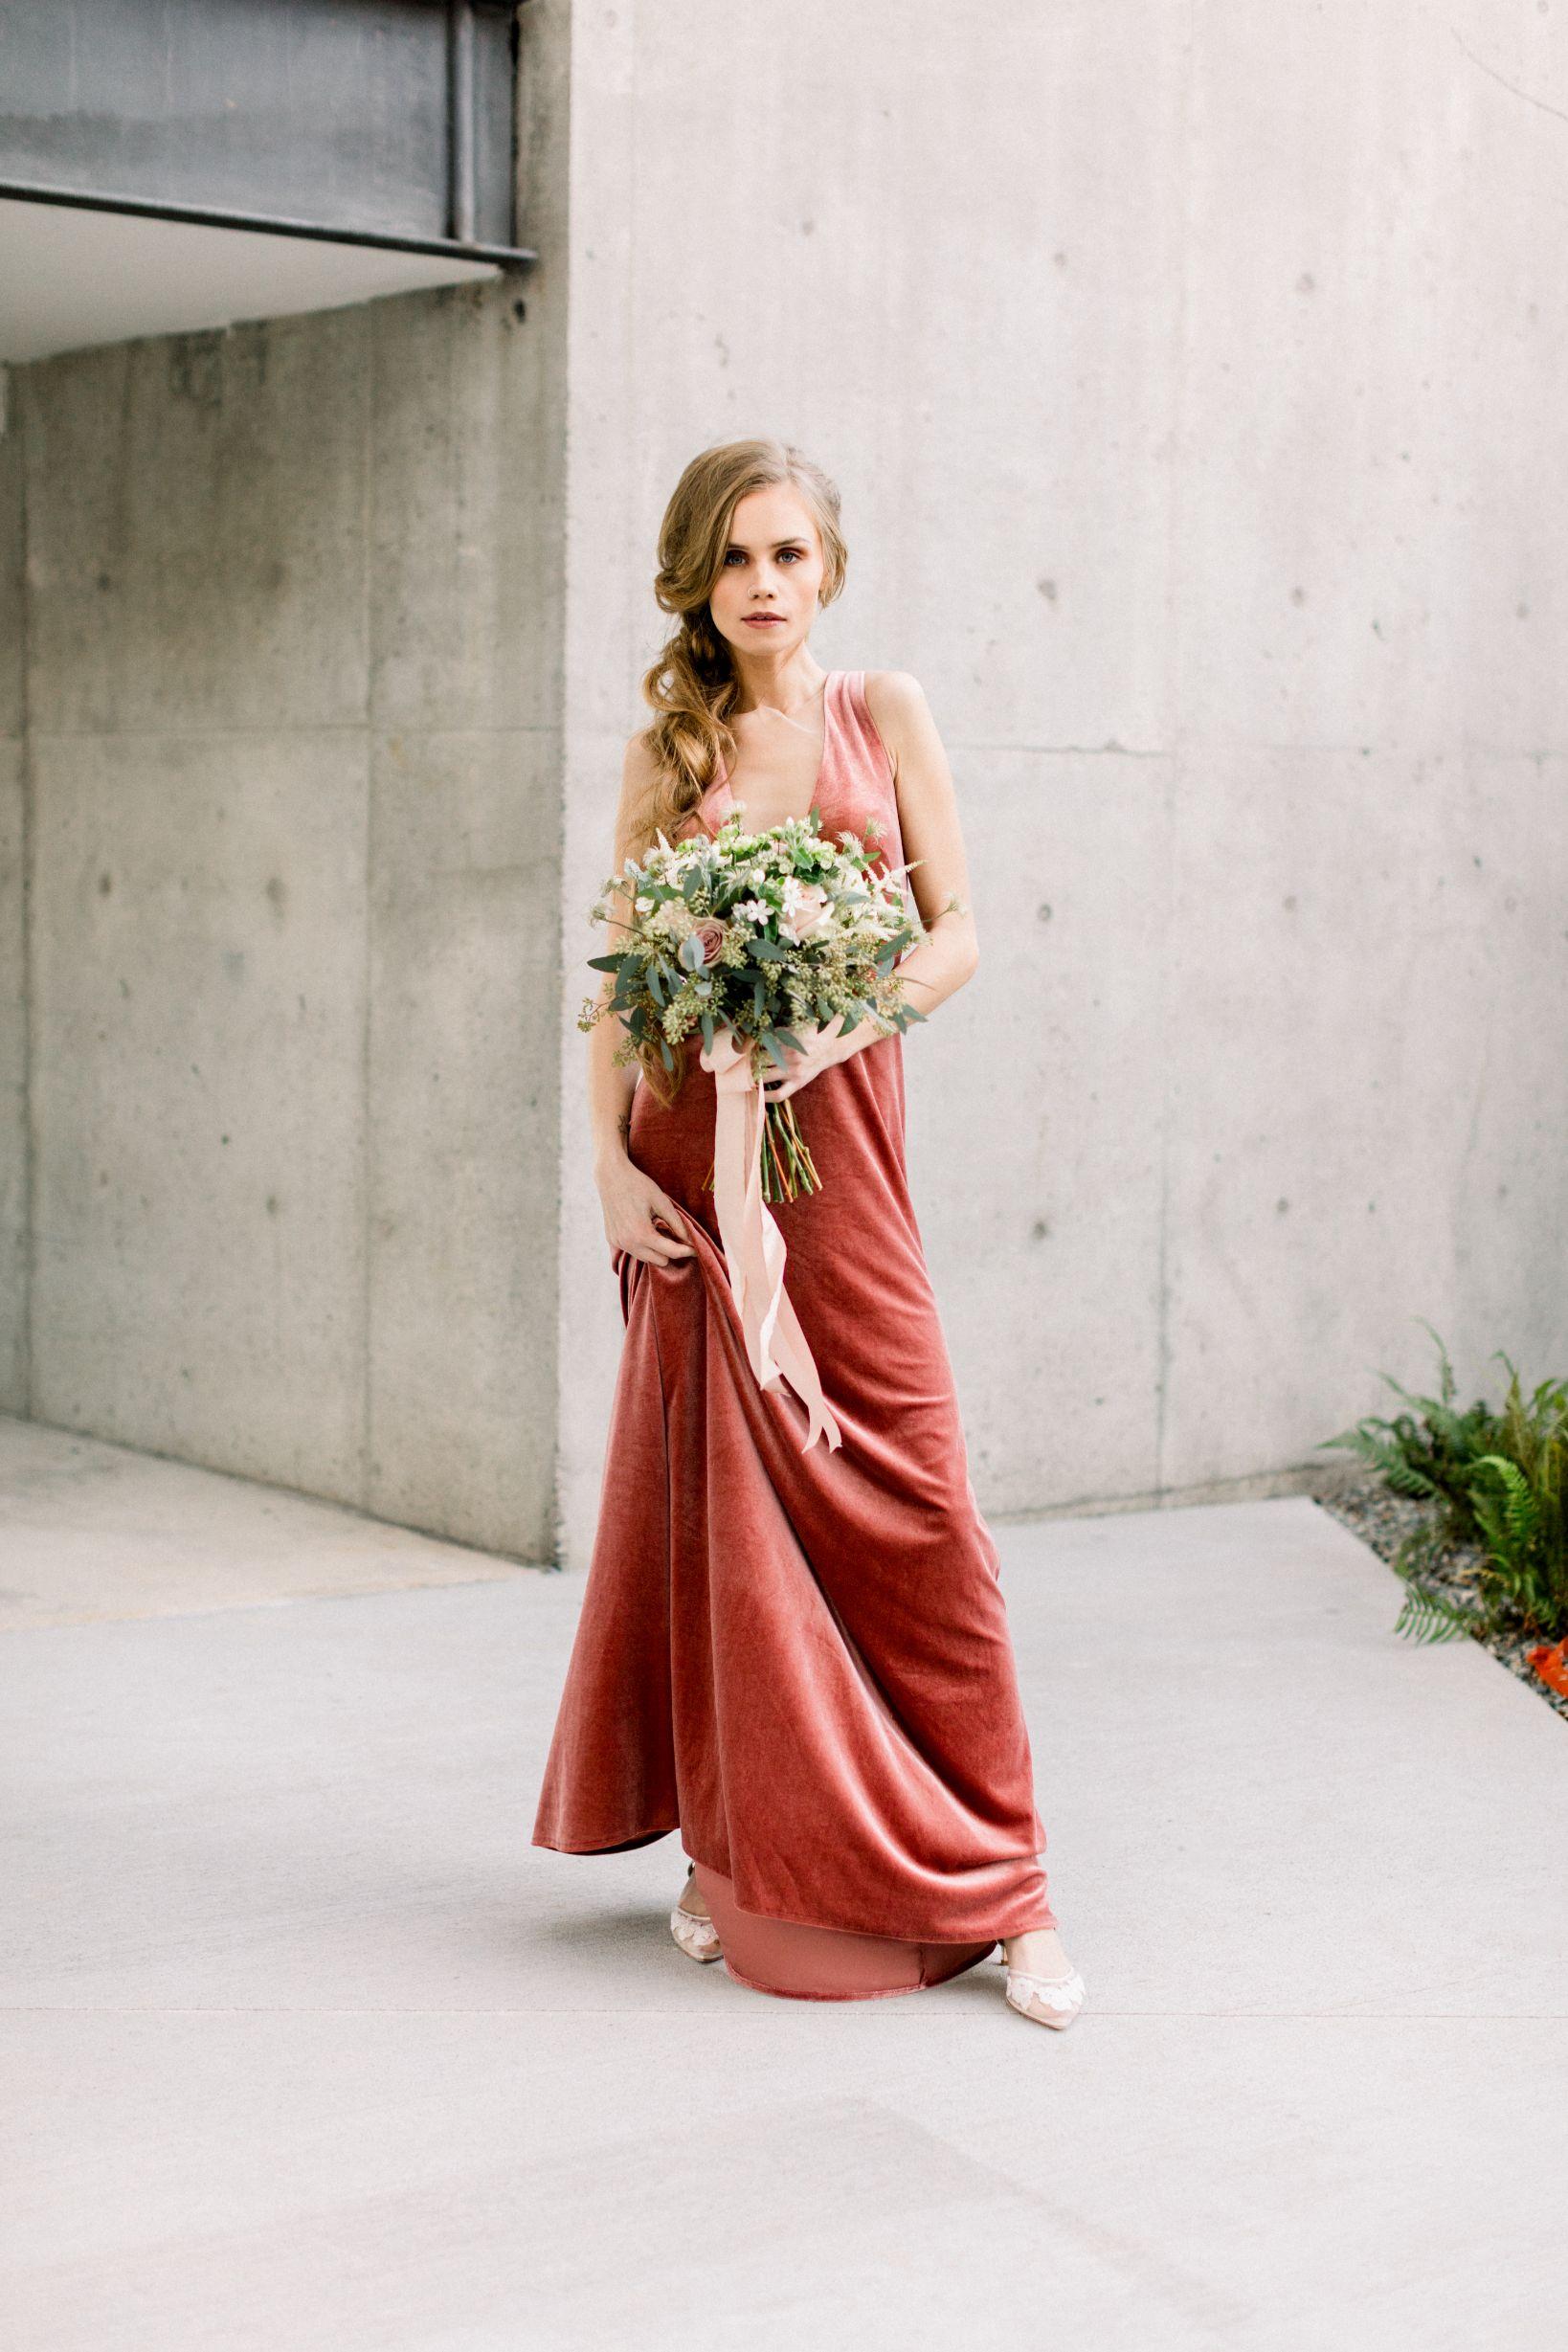 artists-for-humanity-industrial-bohemian-wedding-daylynn-designs109.jpg